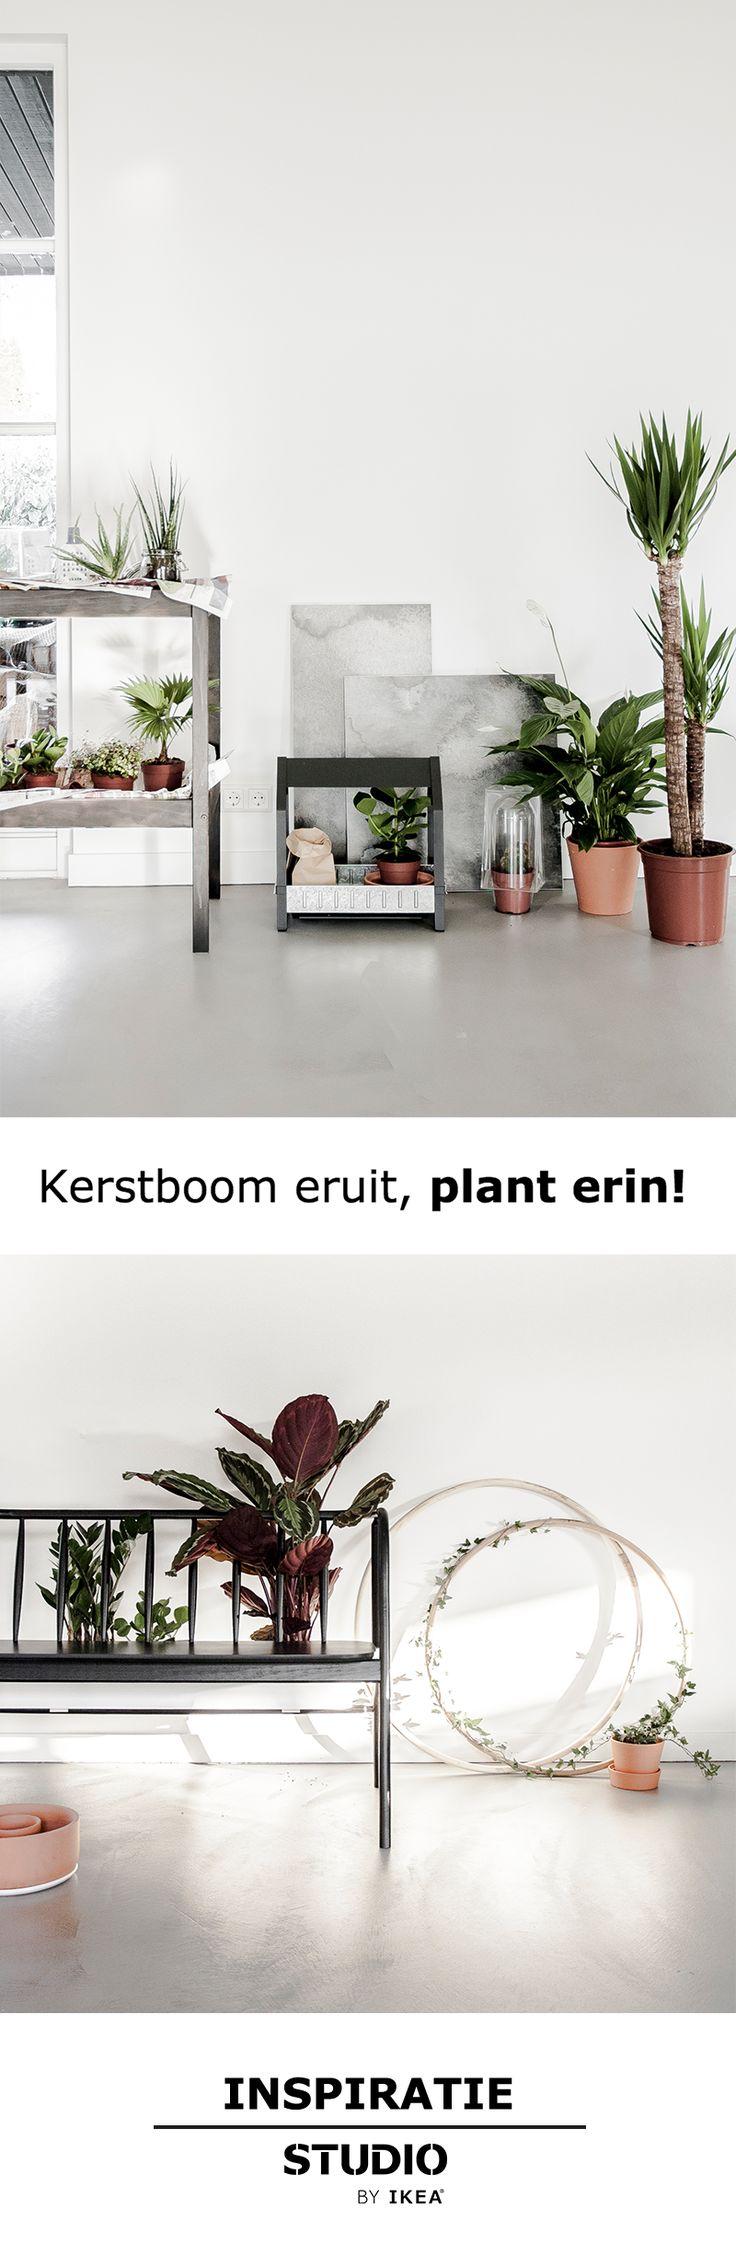 STUDIO by IKEA - Kerstboom eruit | StudiobyIKEA IKEA IKEAnl IKEANederland kerstboom opruimen plant groen fris plantenbak sfeer bloempot woonkamer inspiratie